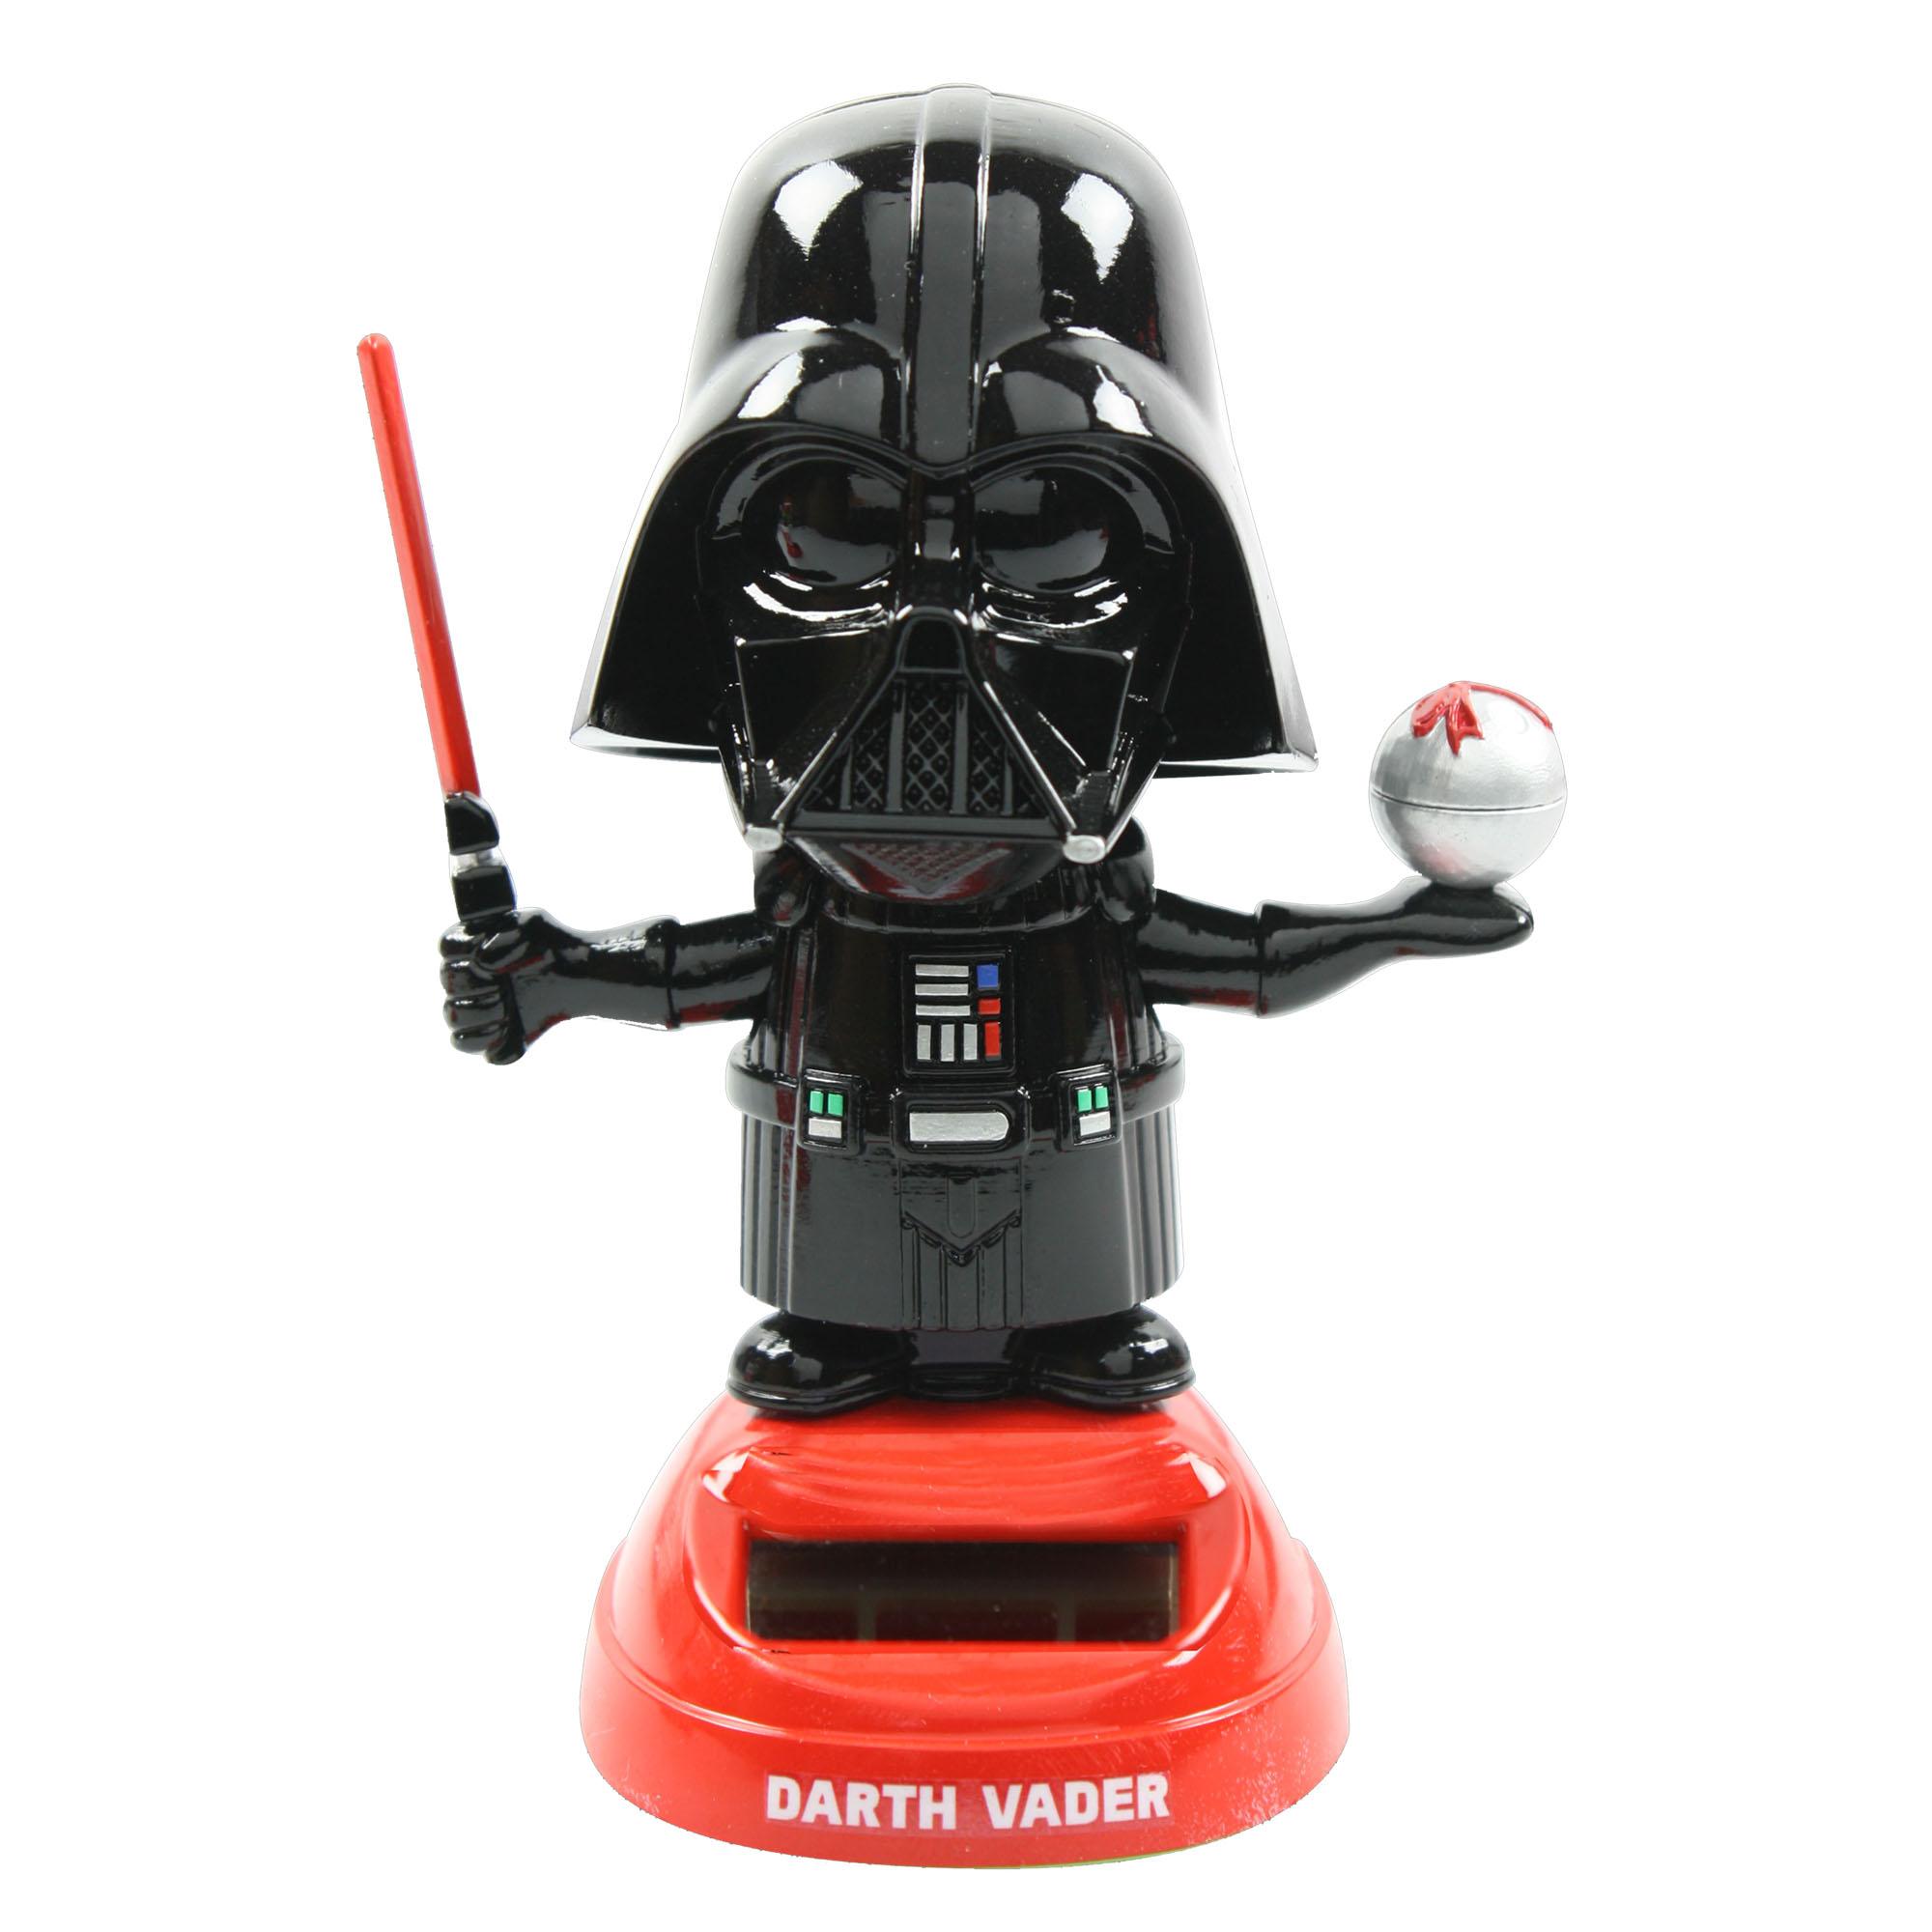 Disney 433 Darth Vader Solar Power Bobble Head